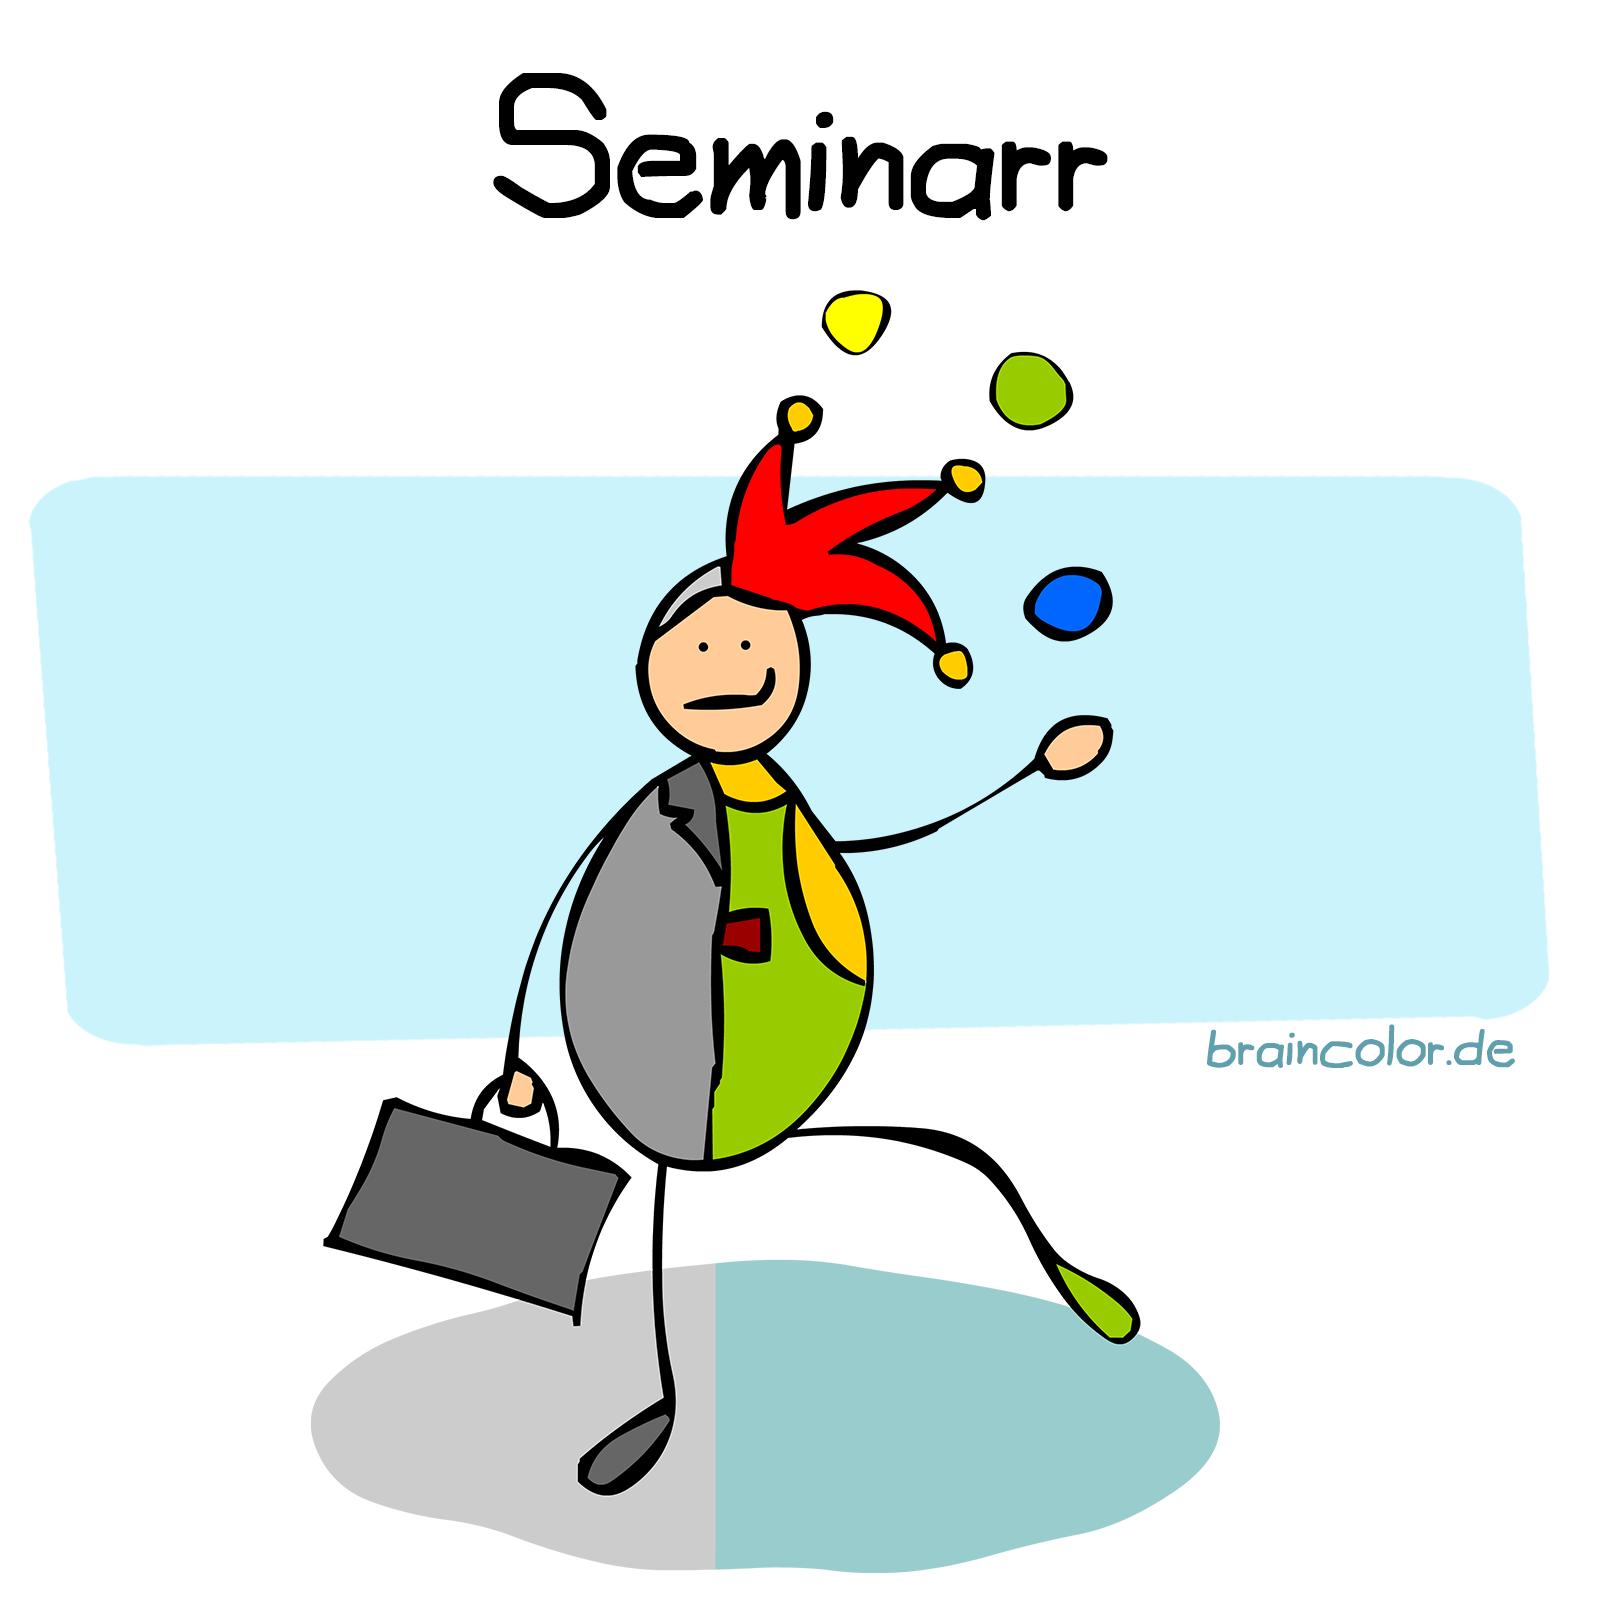 seminar narr #einbuchstabedaneben